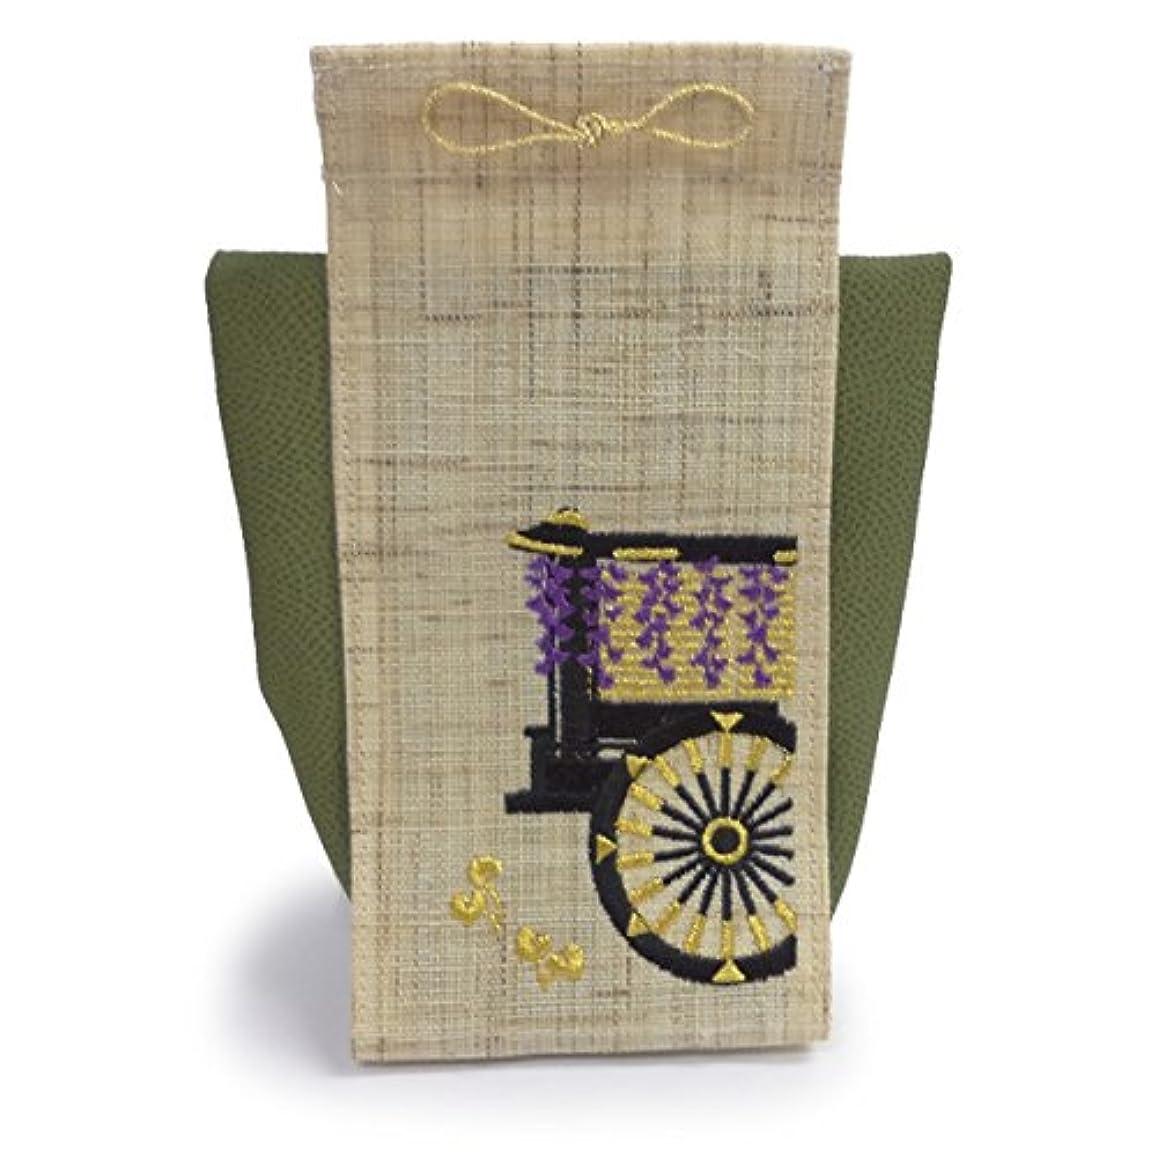 限定インセンティブ前件香飾り 京の風物詩 葵祭